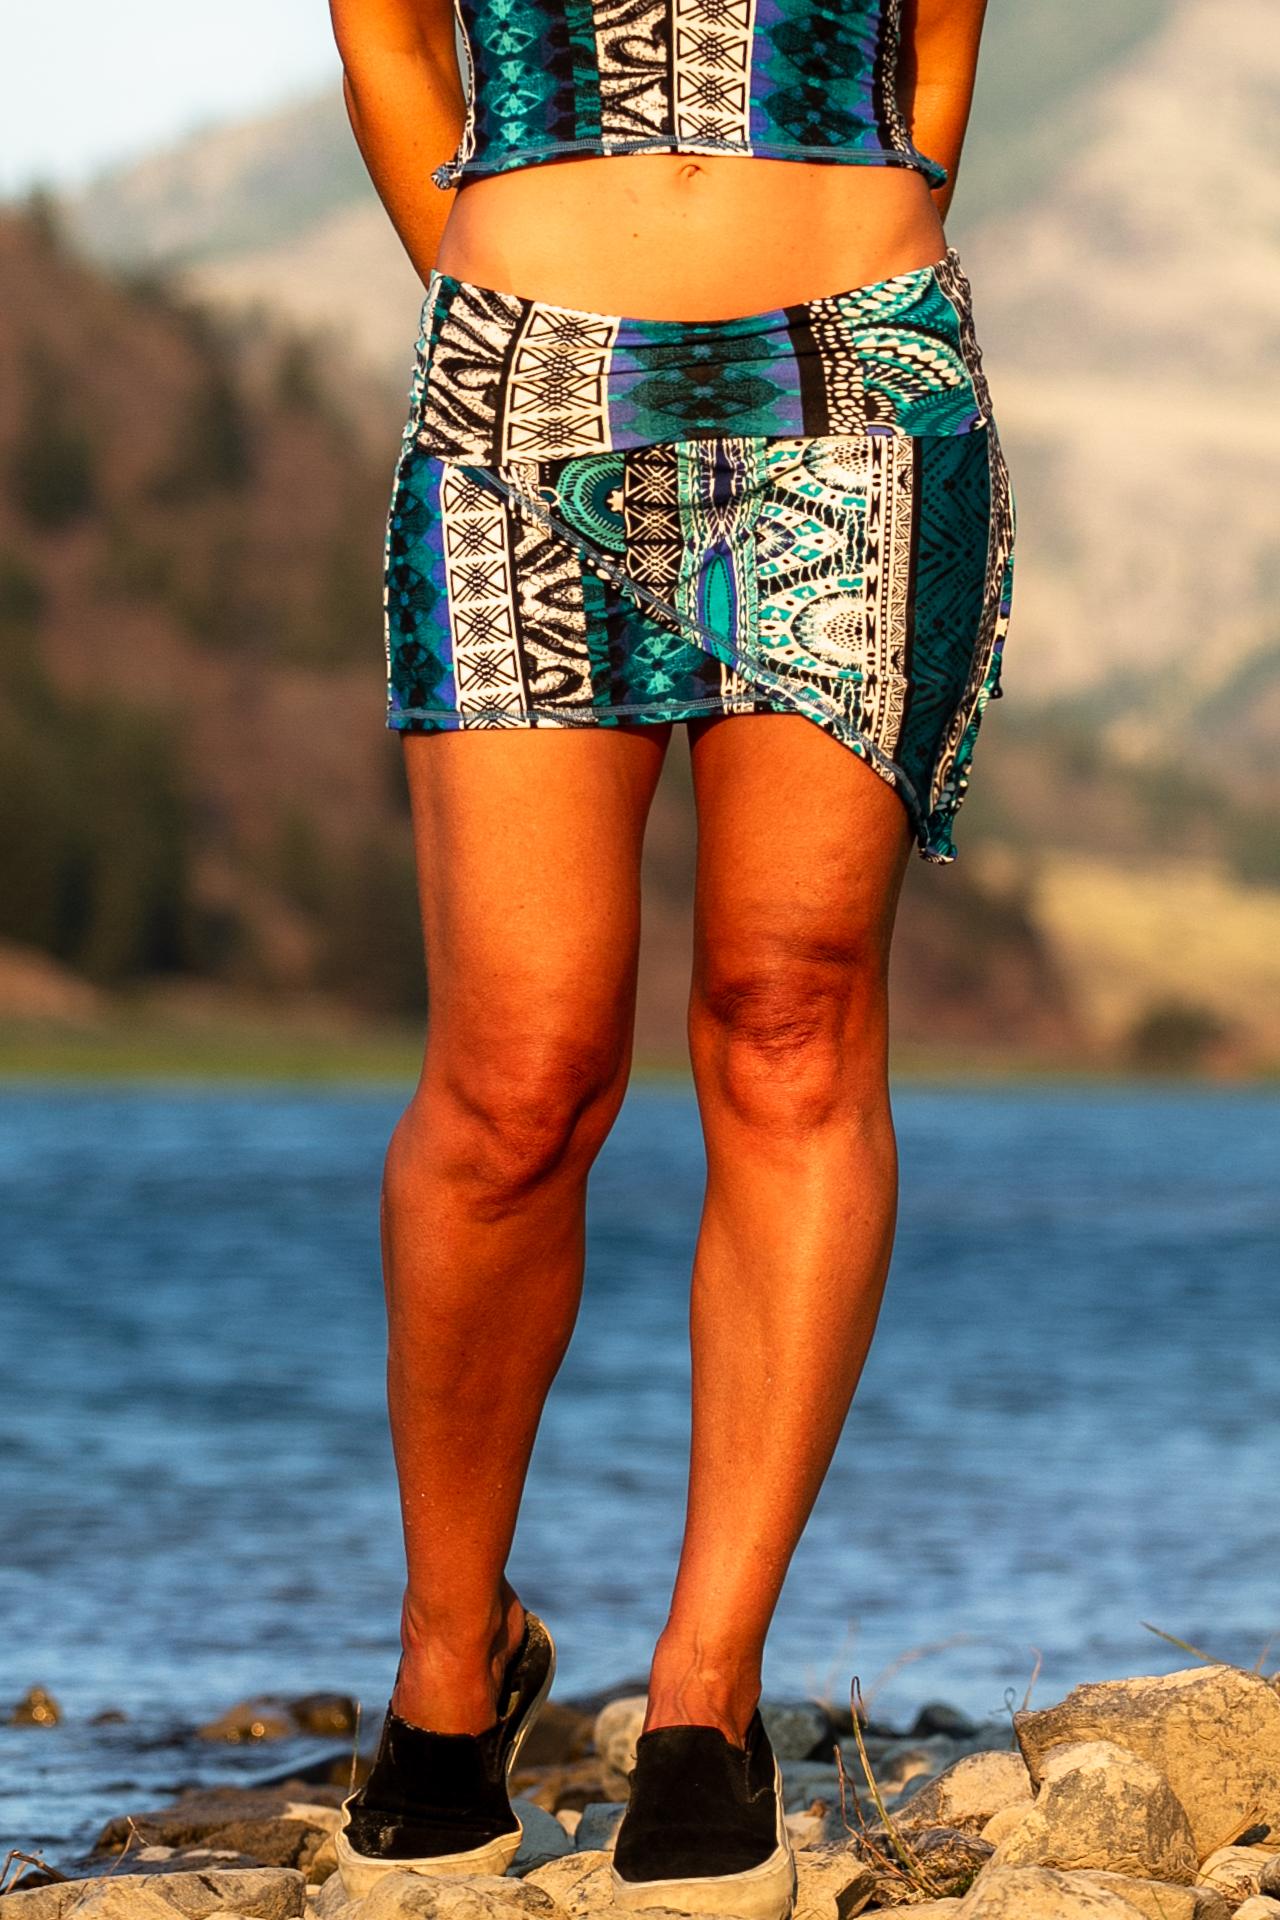 Fashion designer Autumn Teneyl wearing a skirt